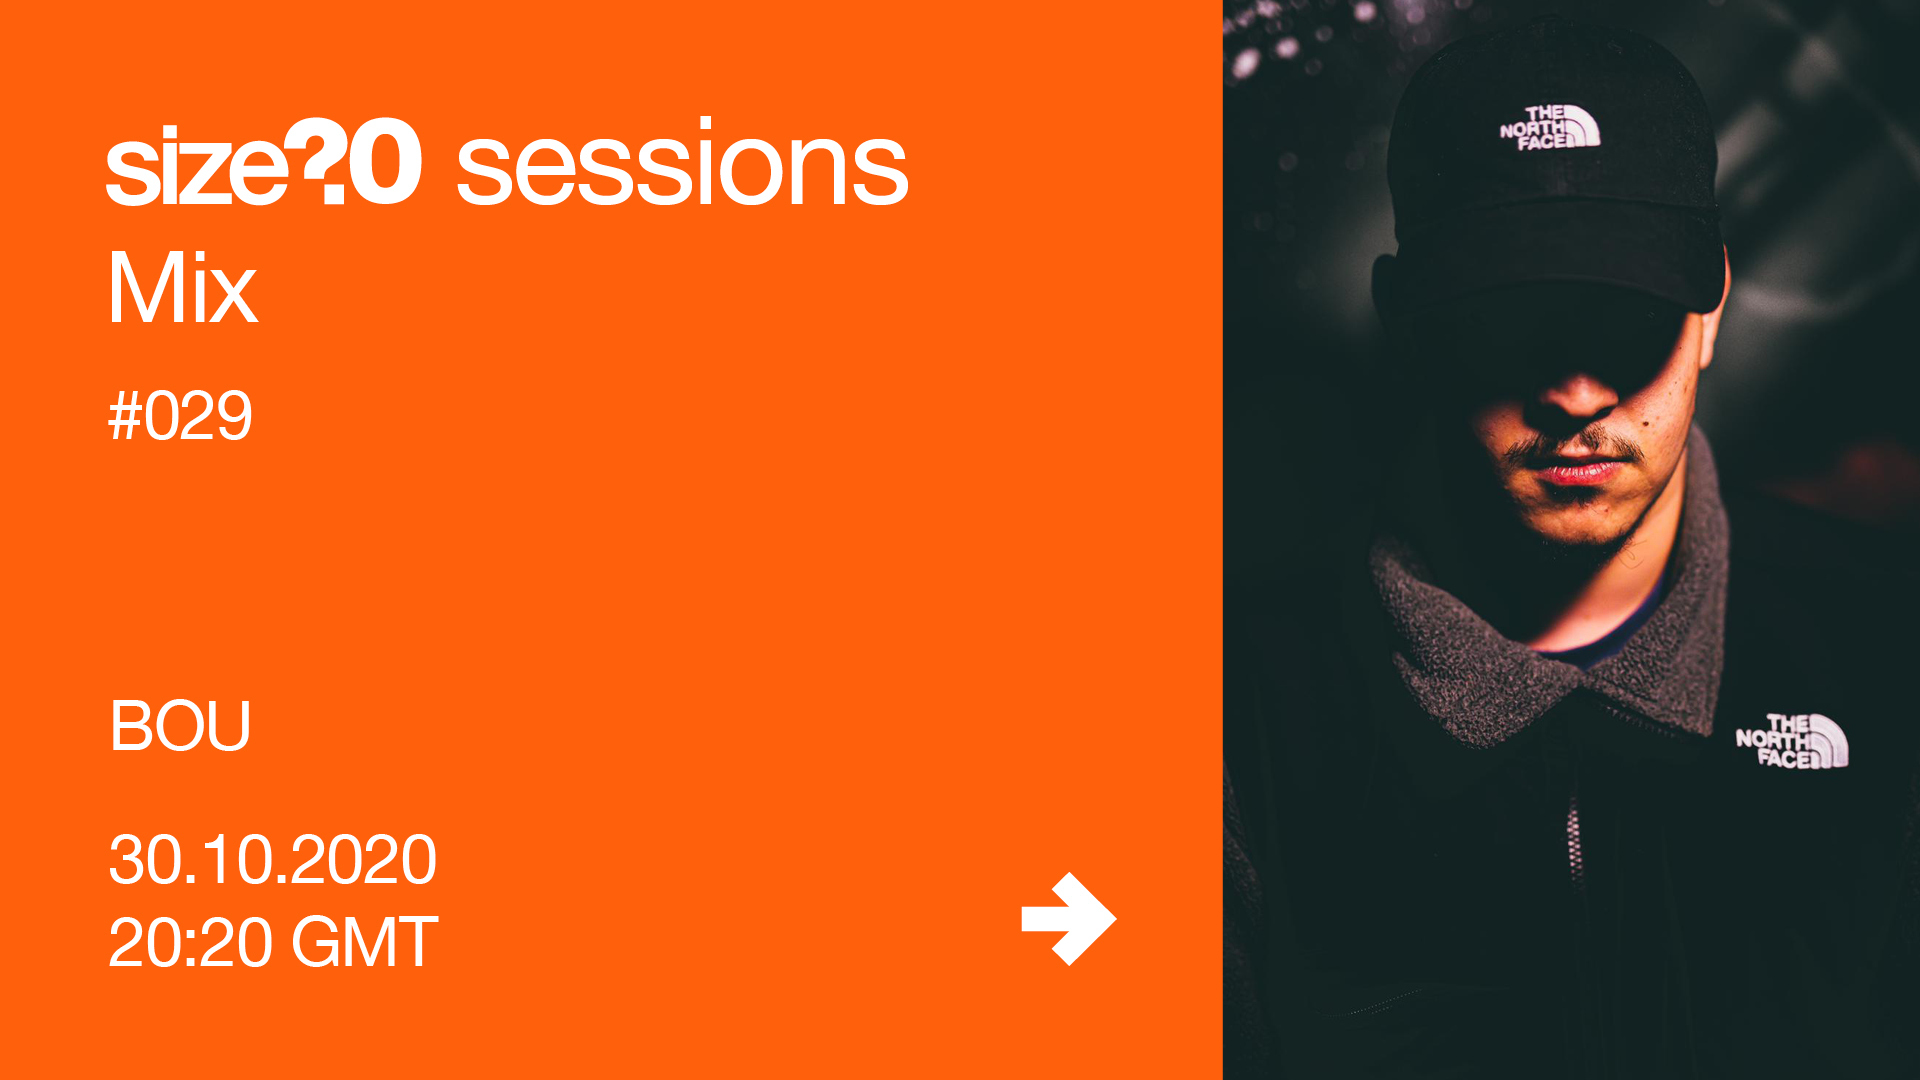 size? session Mix - Bou